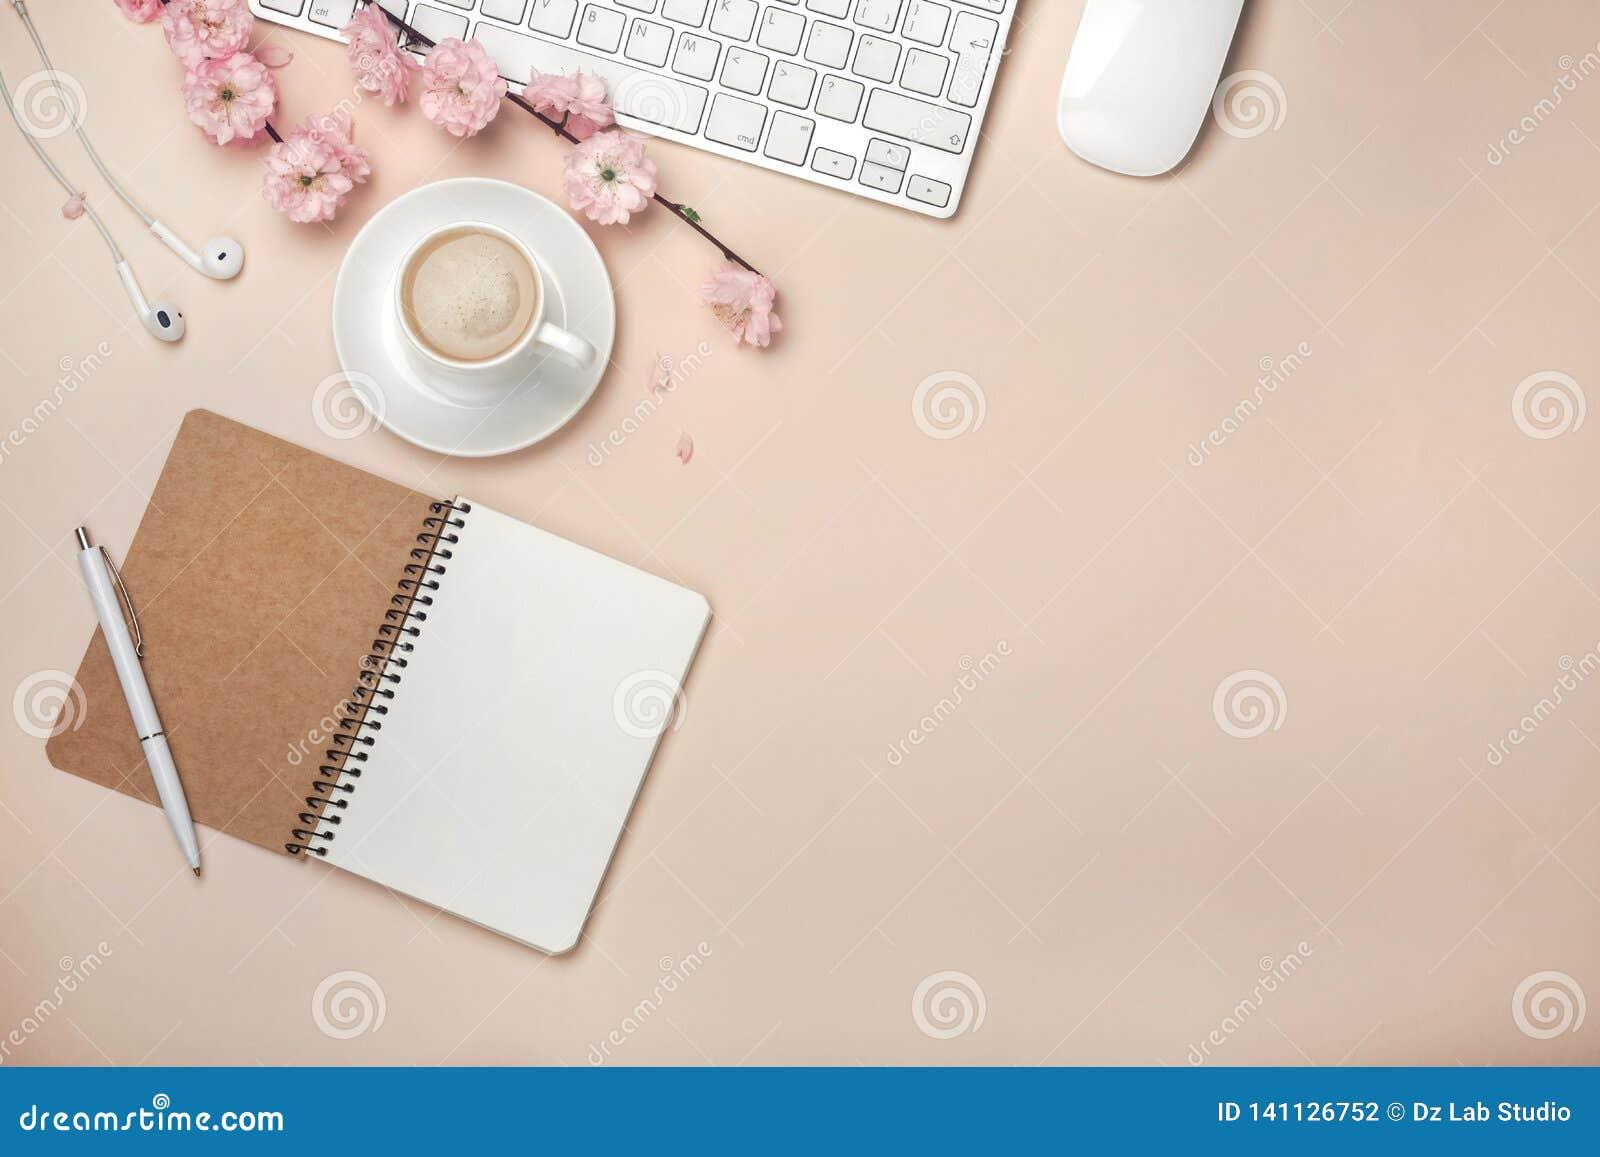 La taza blanca con el capuchino, Sakura florece, teclado, despertador, cuaderno en un fondo del rosa en colores pastel